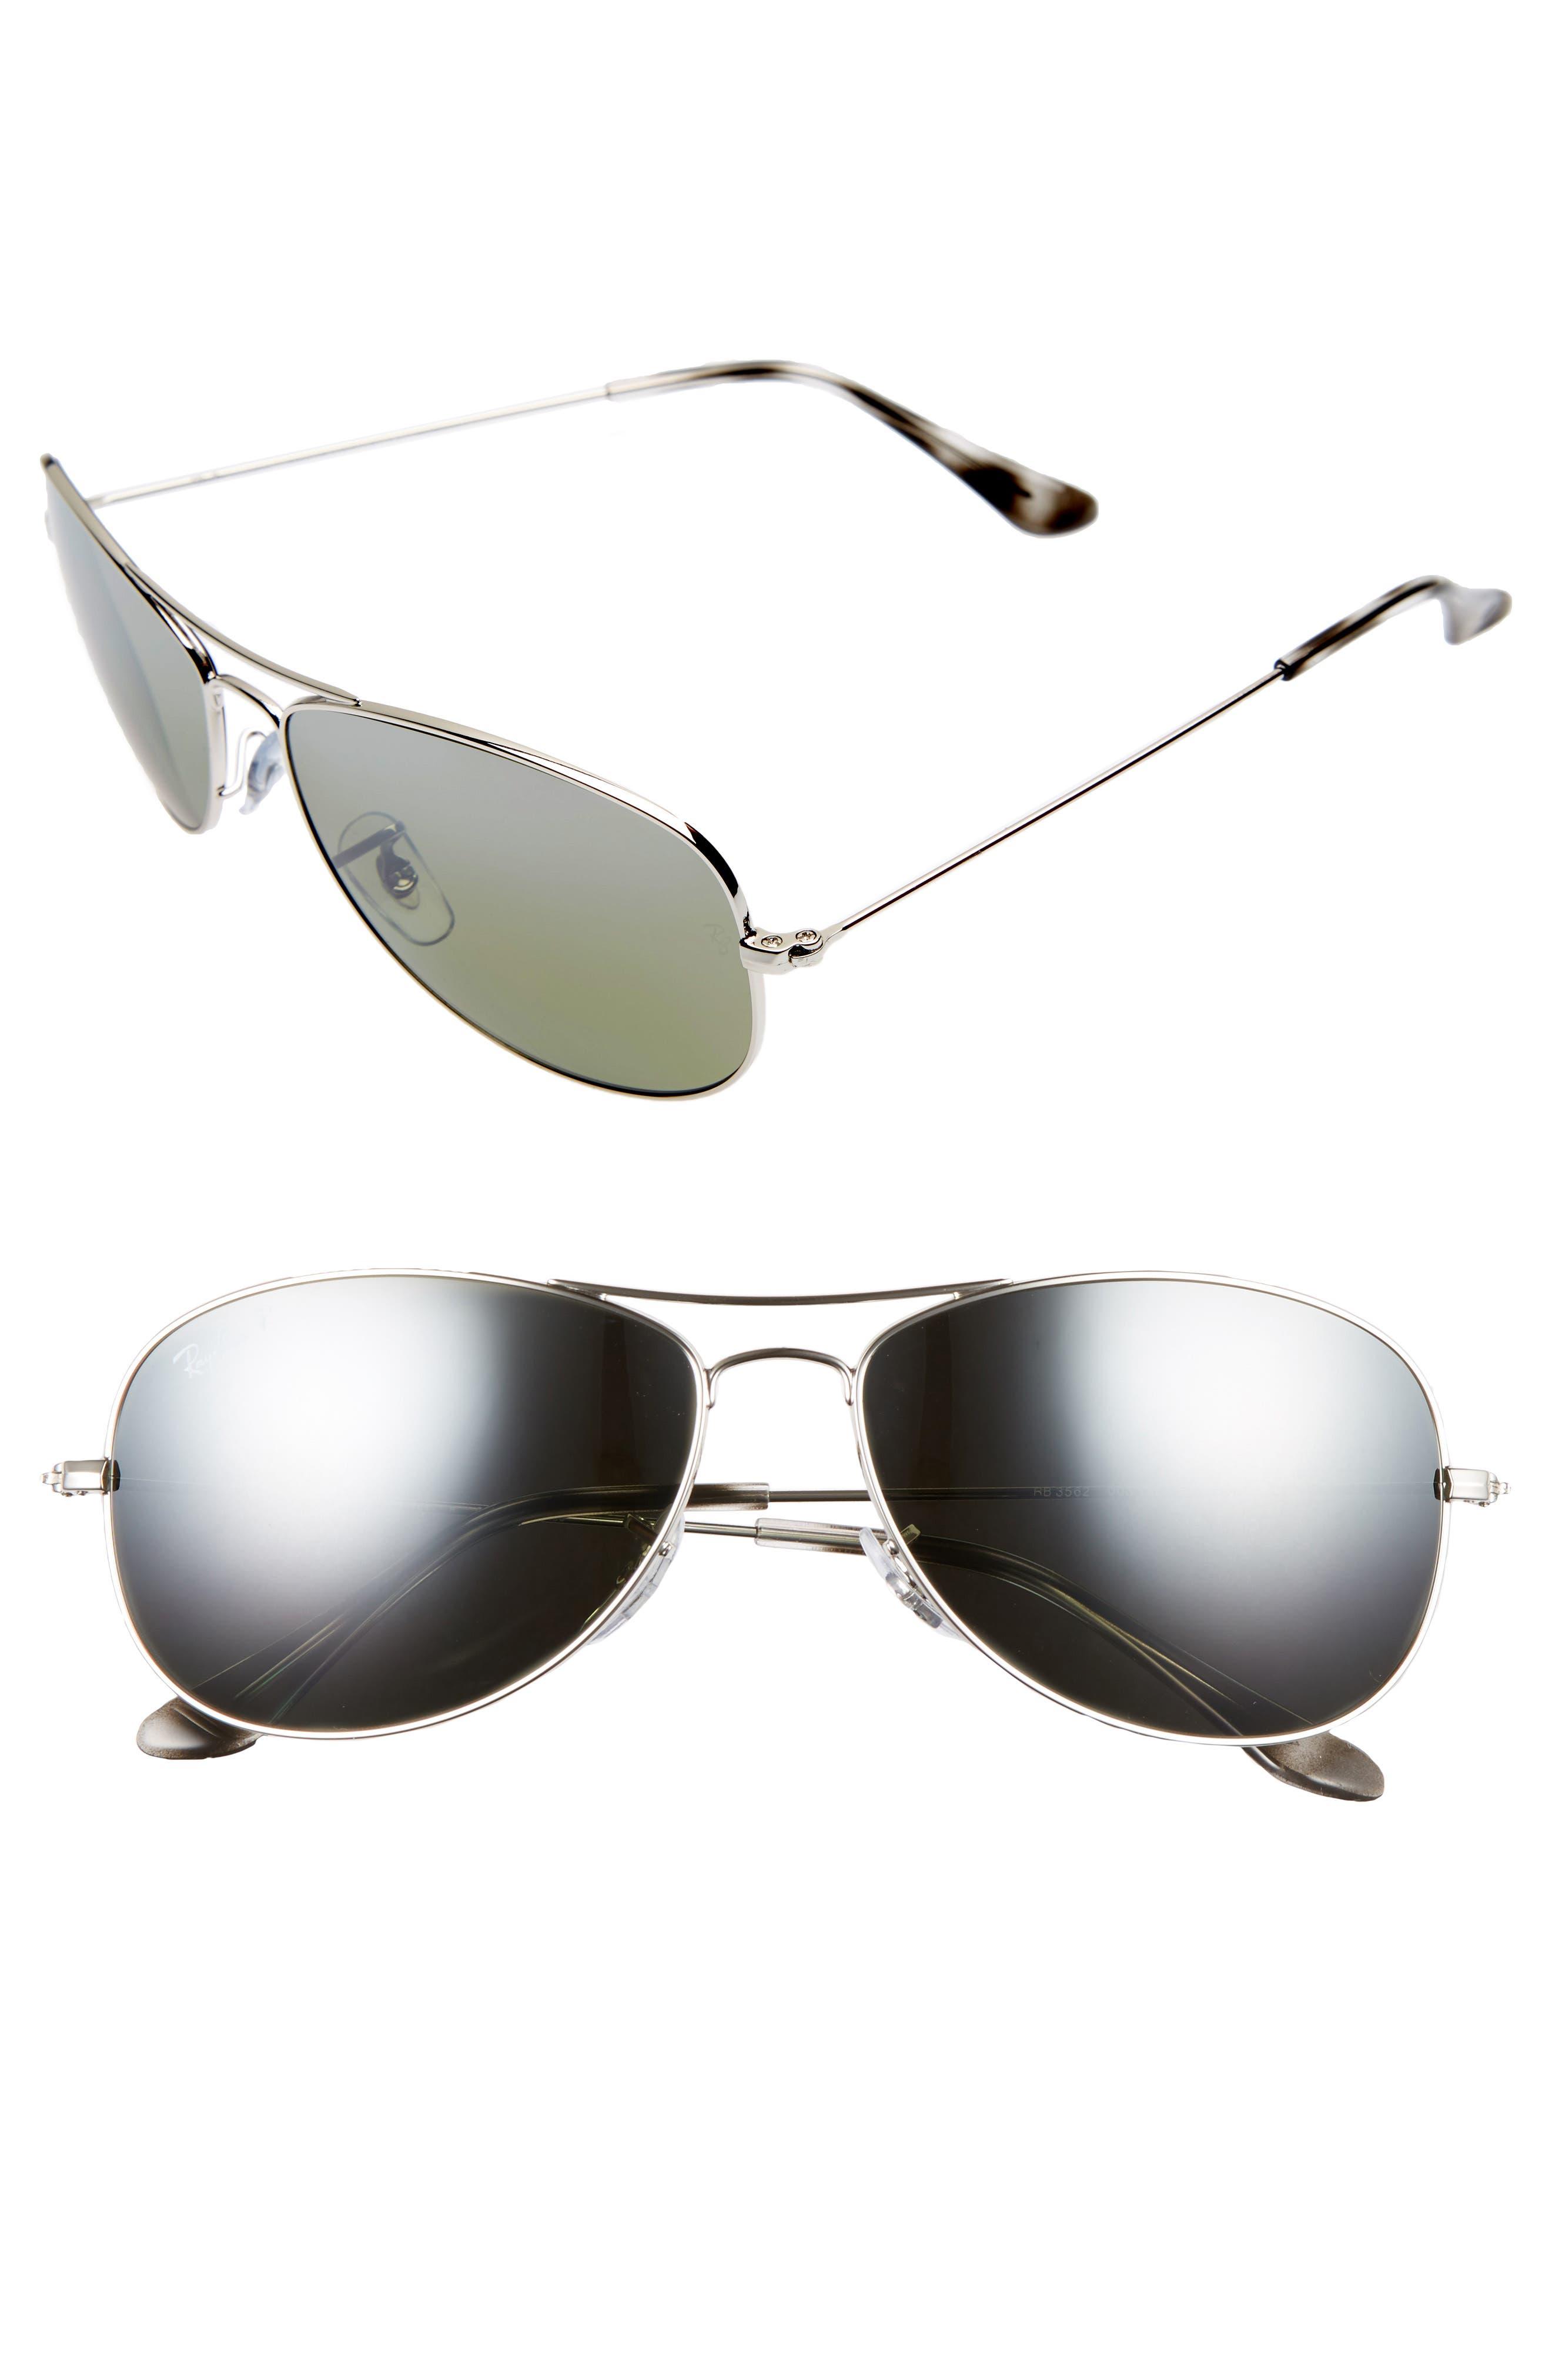 Ray-Ban 59mm Polarized Aviator Sunglasses